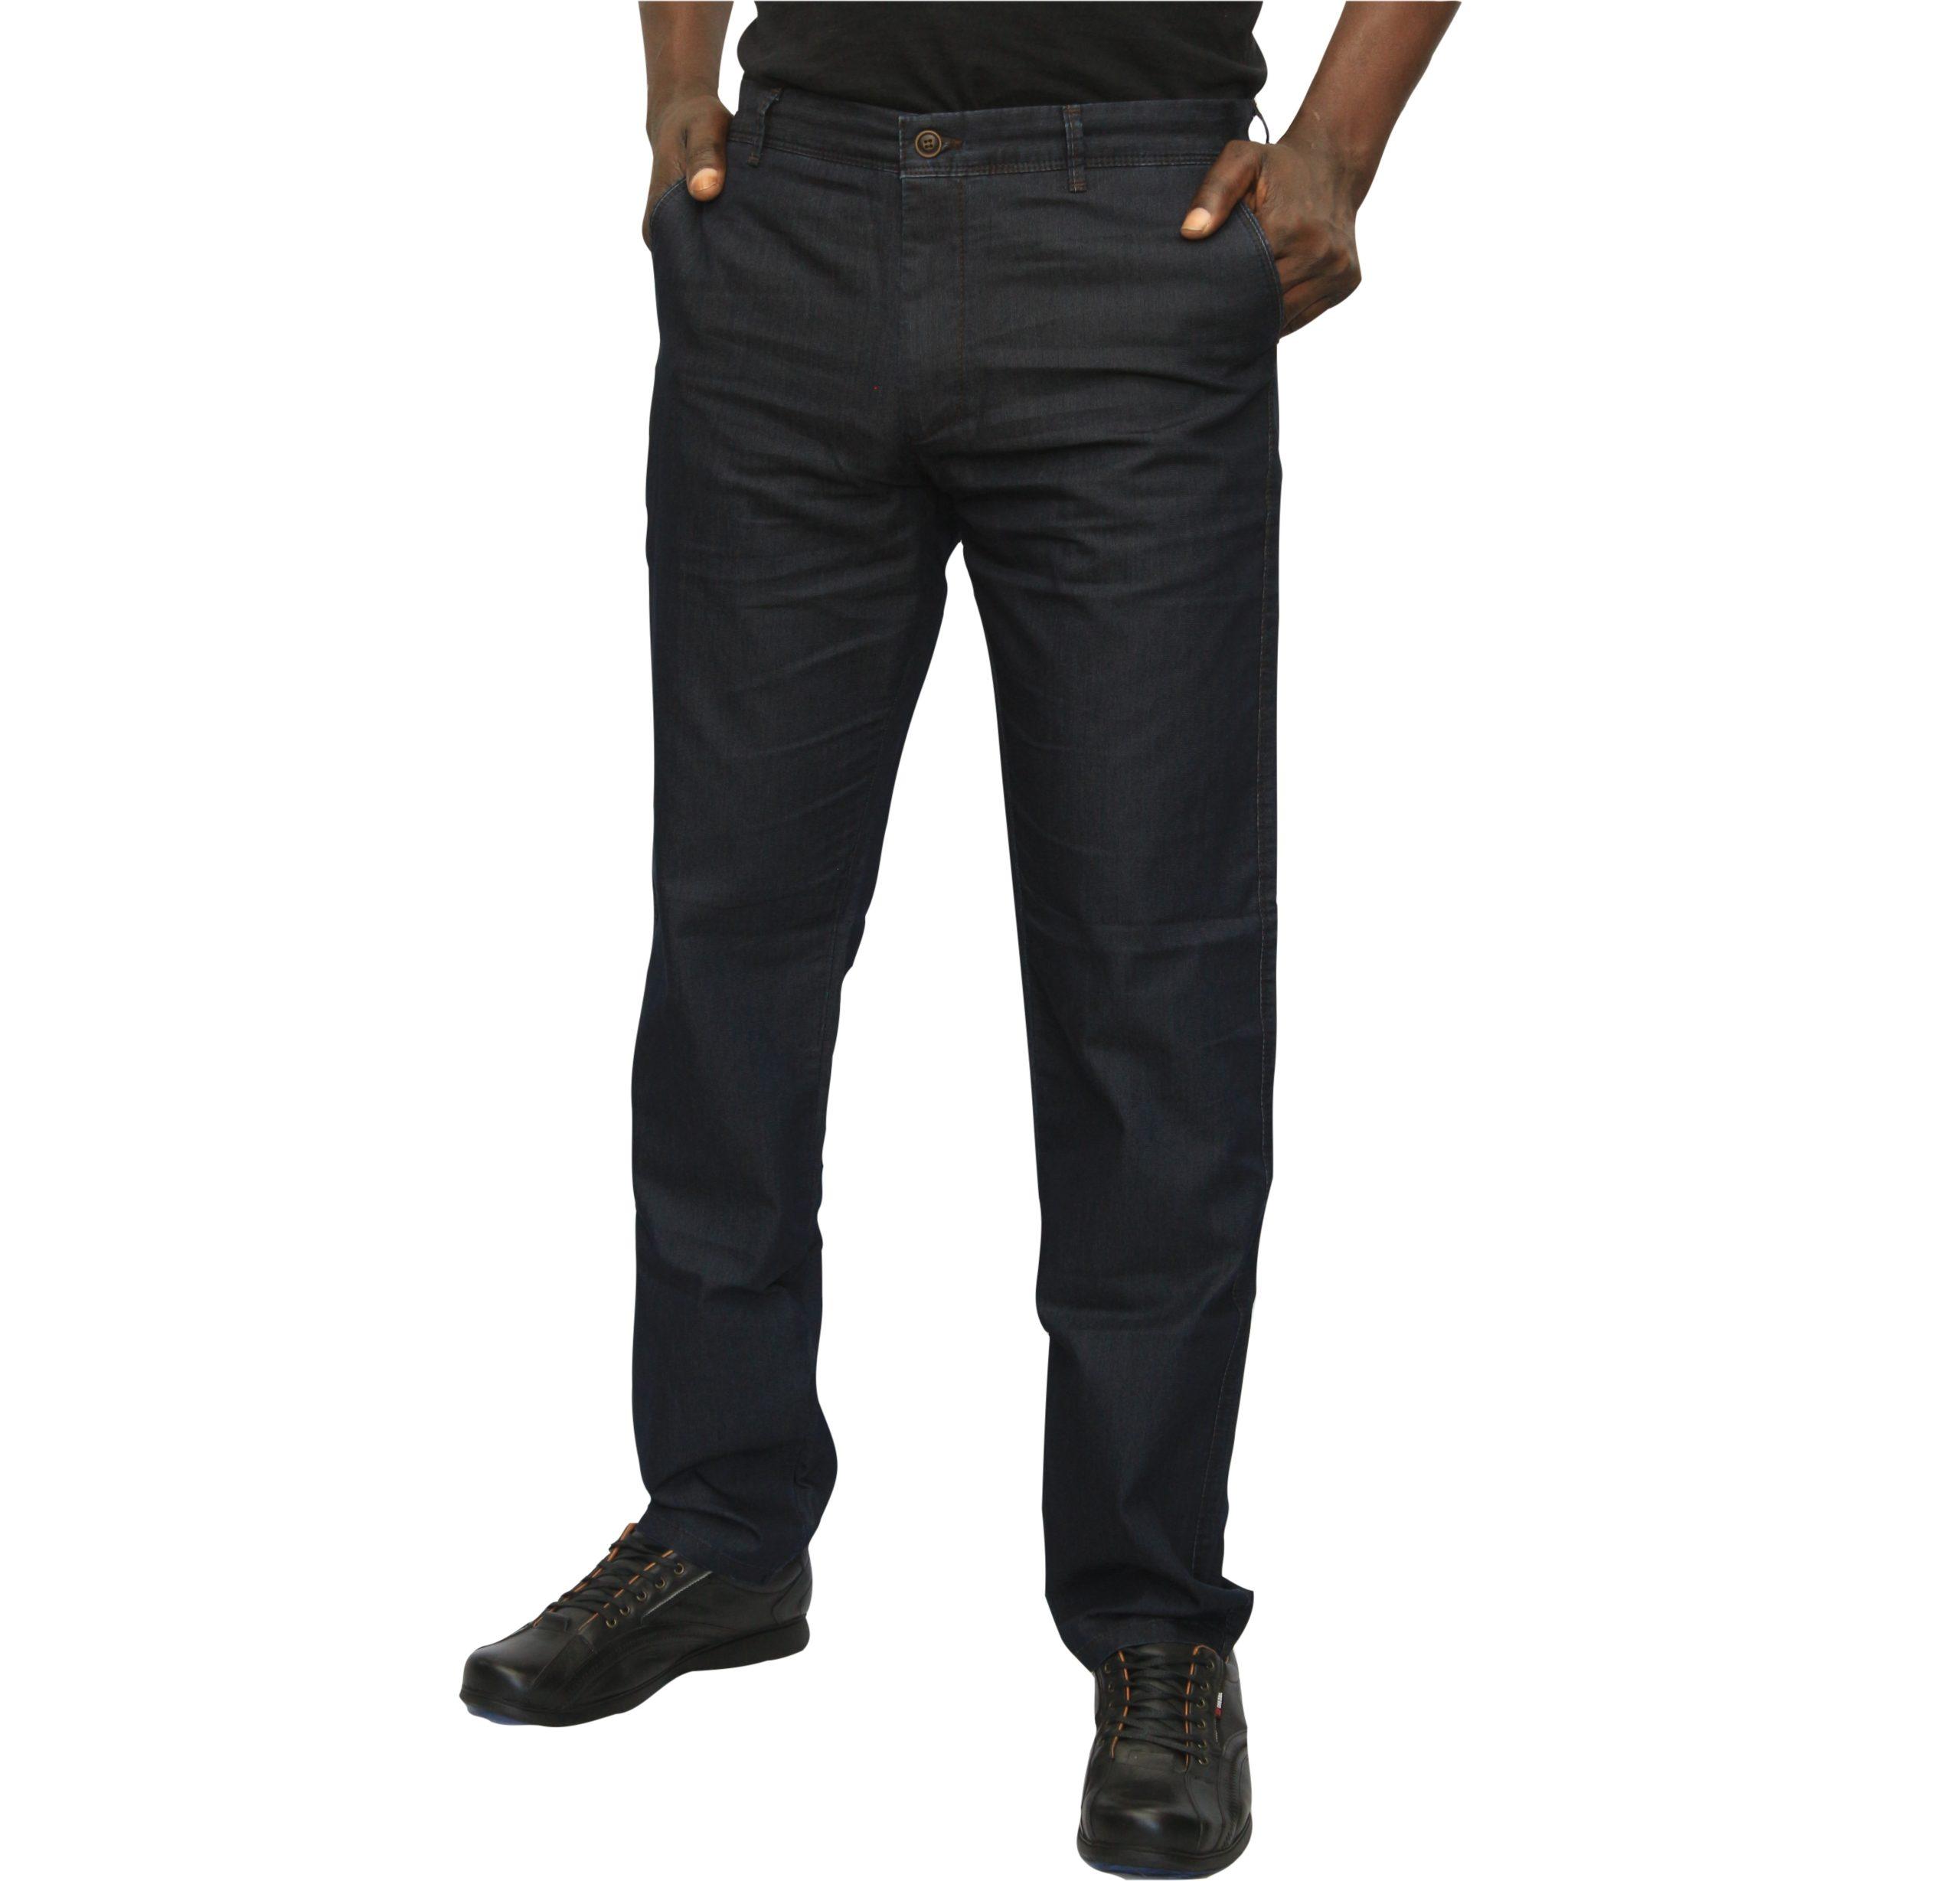 Pantalon jeans homme Léger